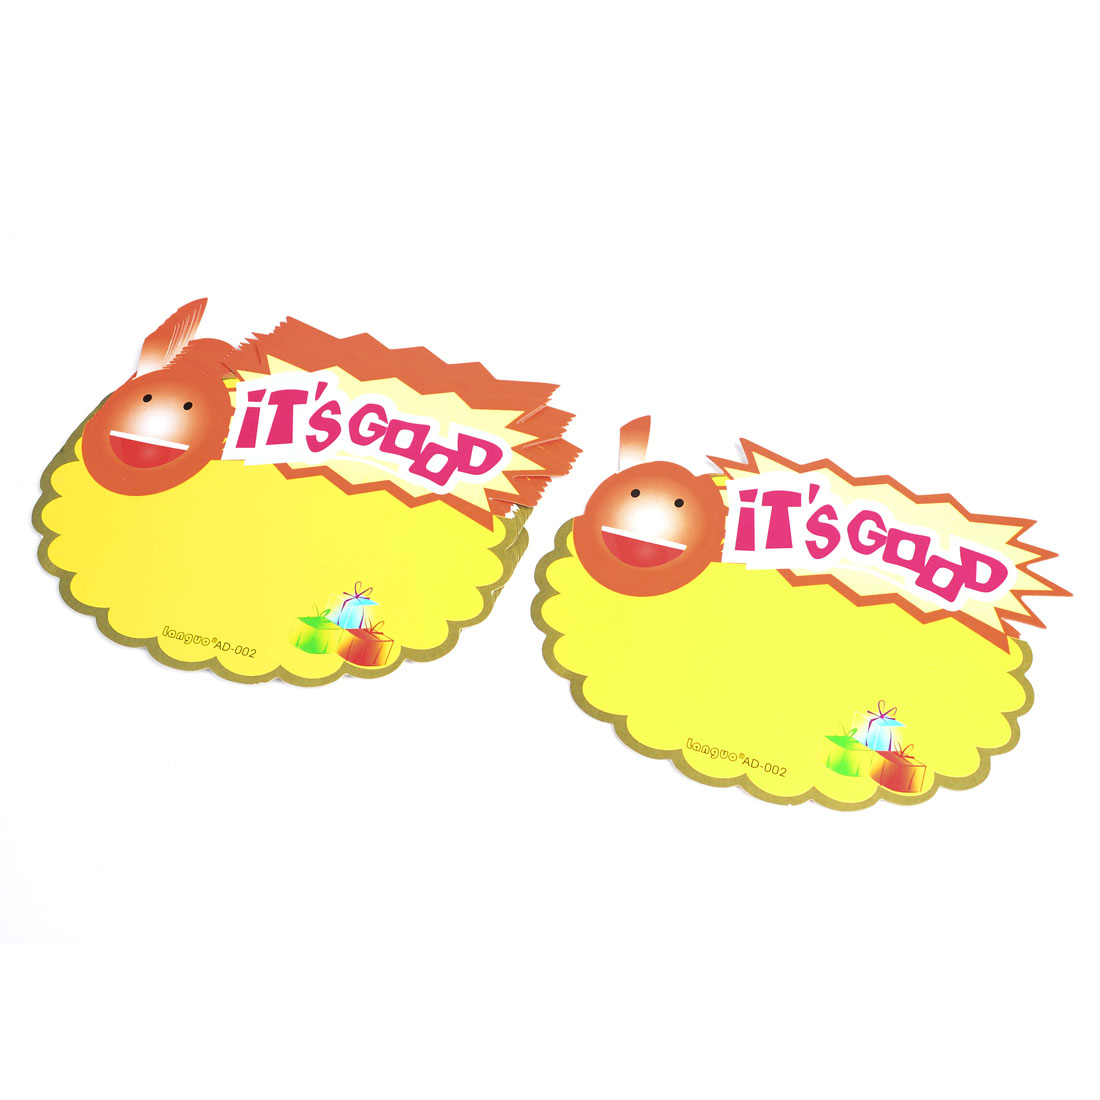 10pcs Shop Sale It's Good Pattern Promotional Price Tags POP Paper Cards